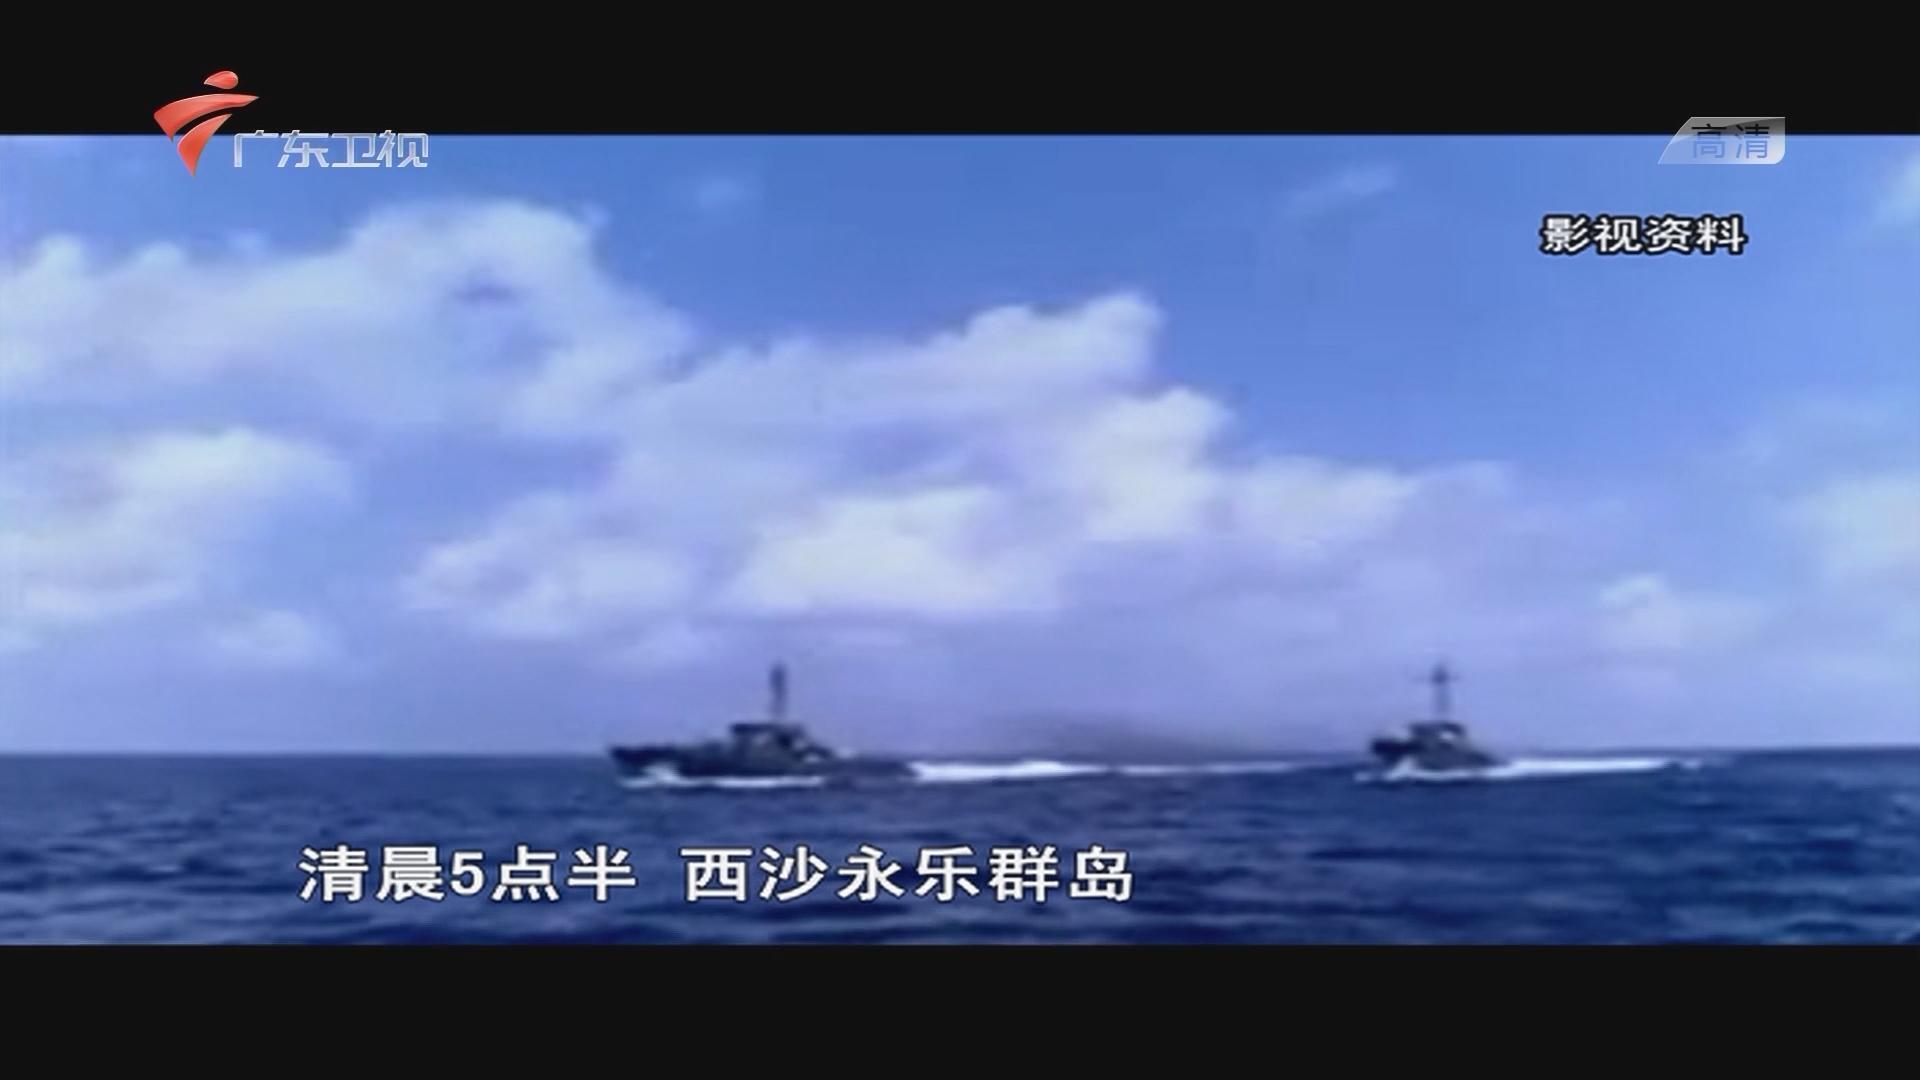 20170423《全球零距离》《中国海军之路》